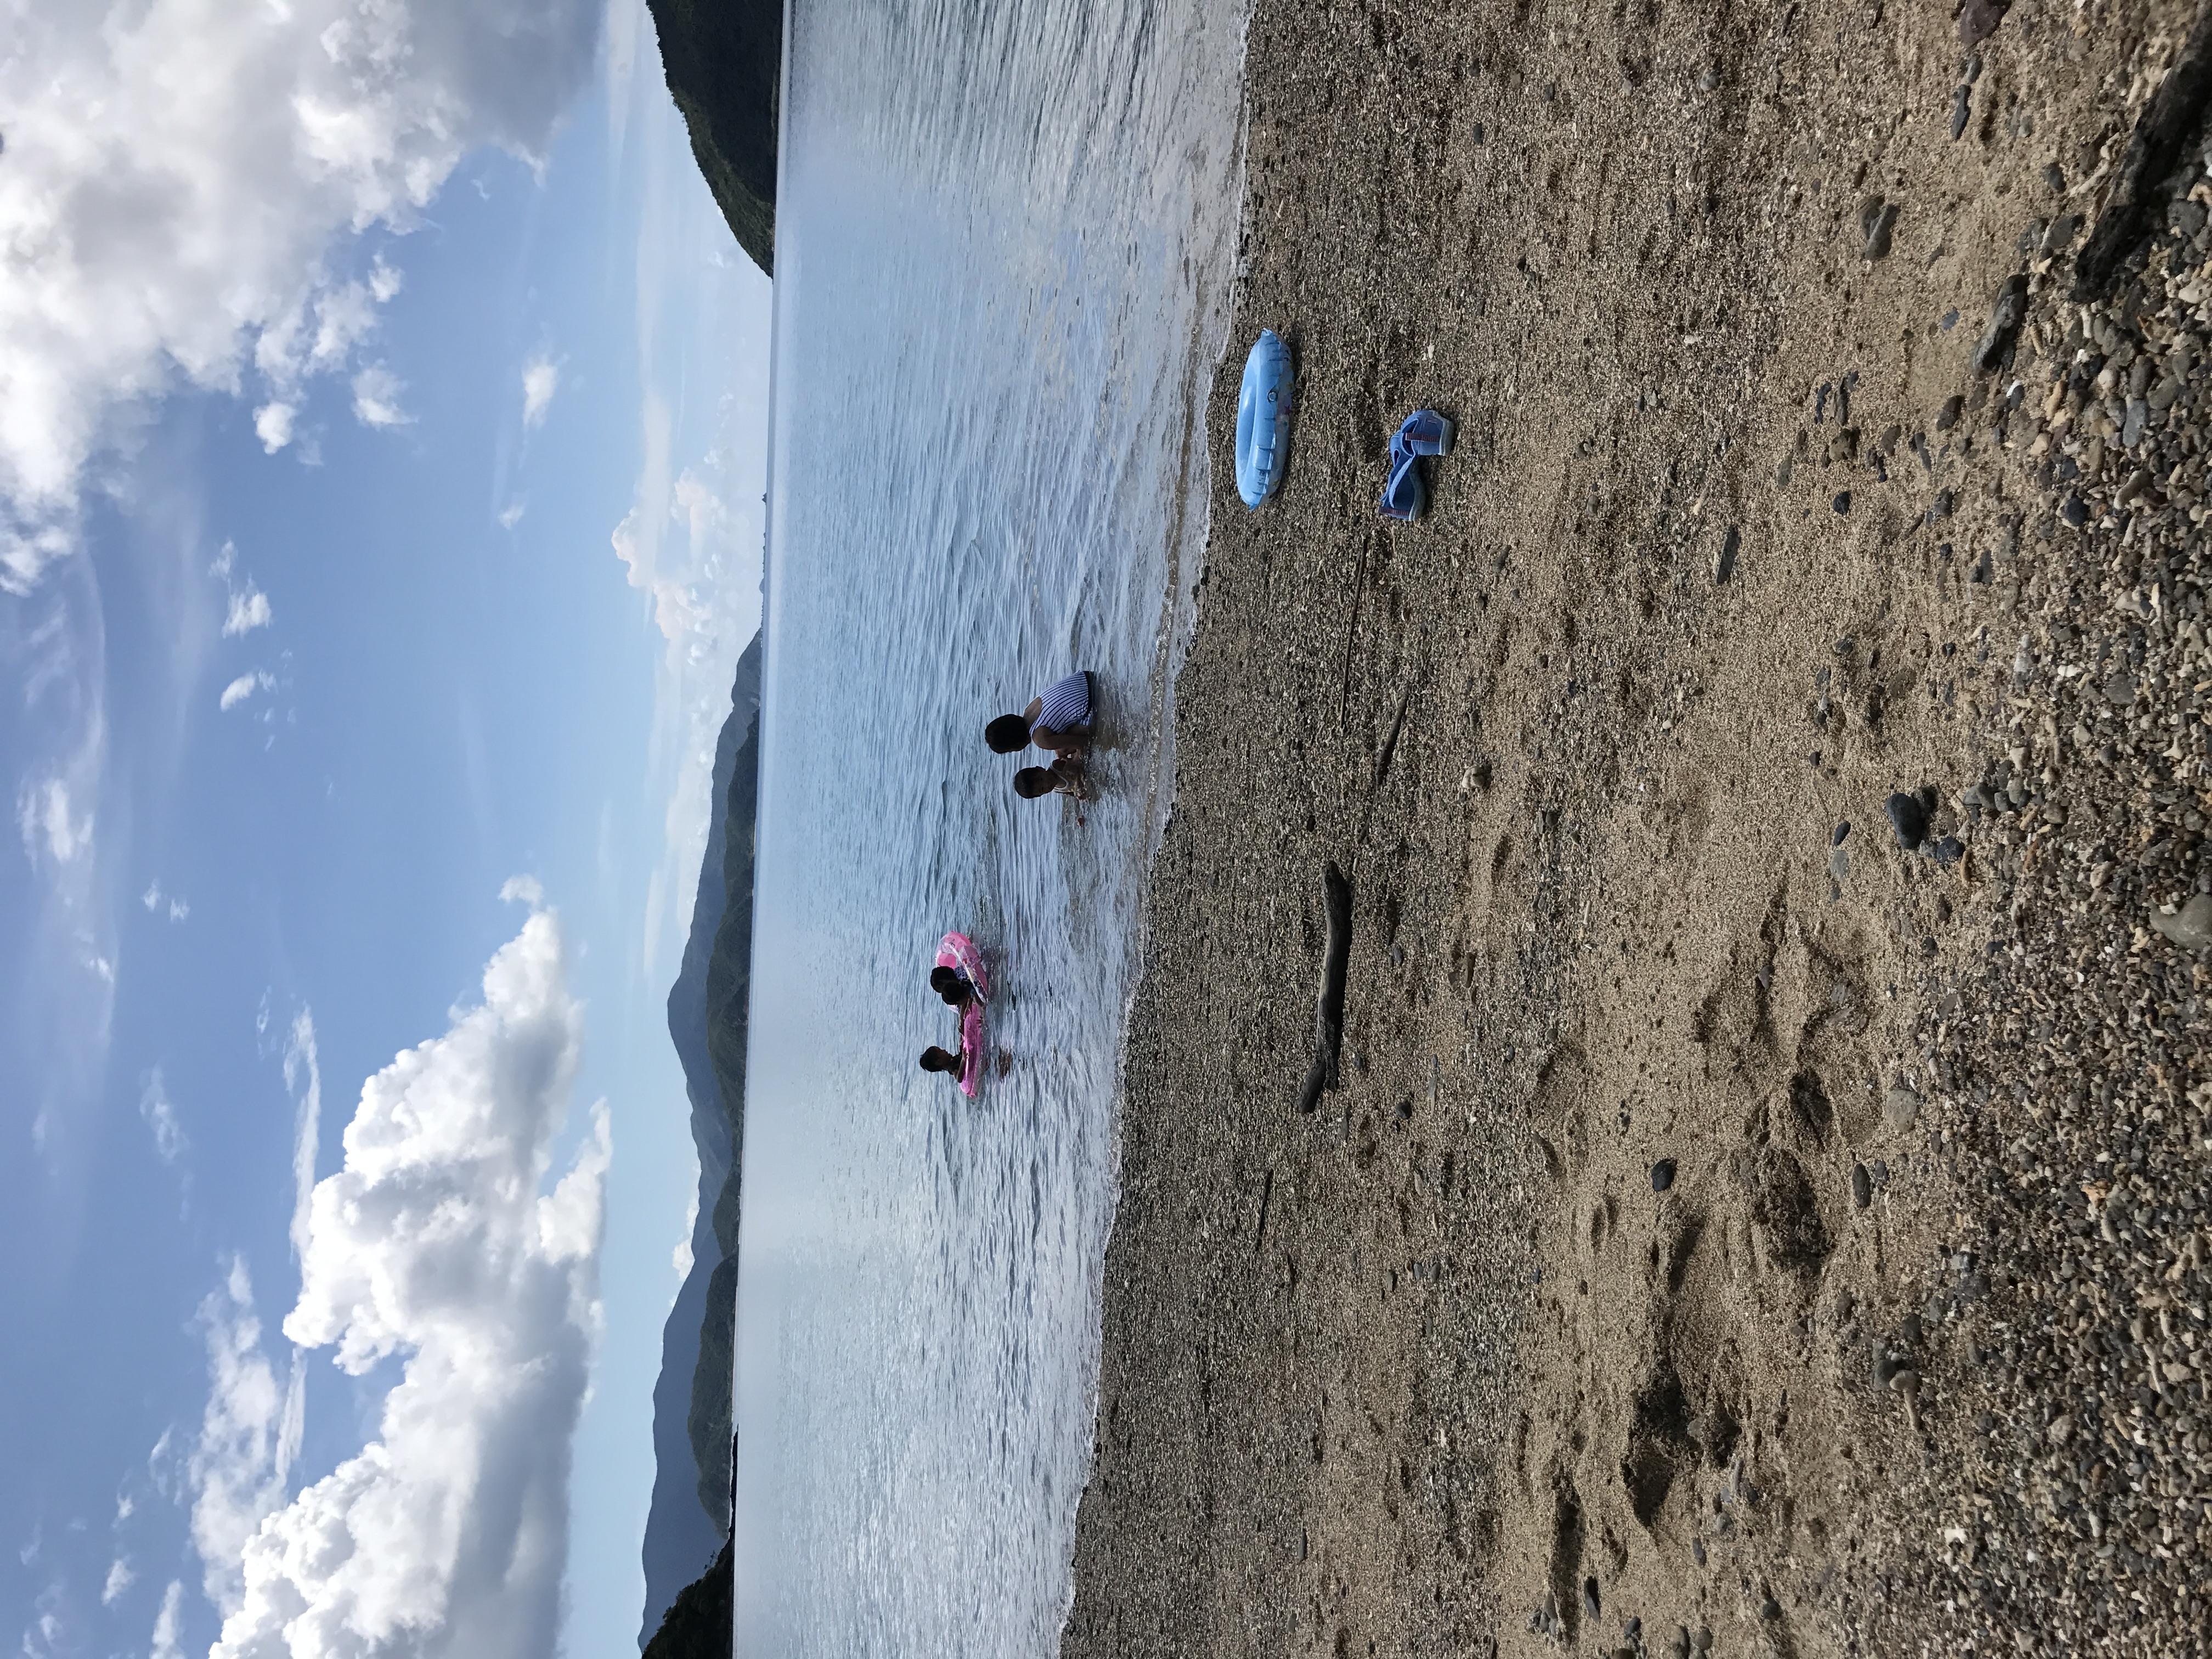 夏休み最後の日曜日。海で泳いでBBQにスイカ割り!